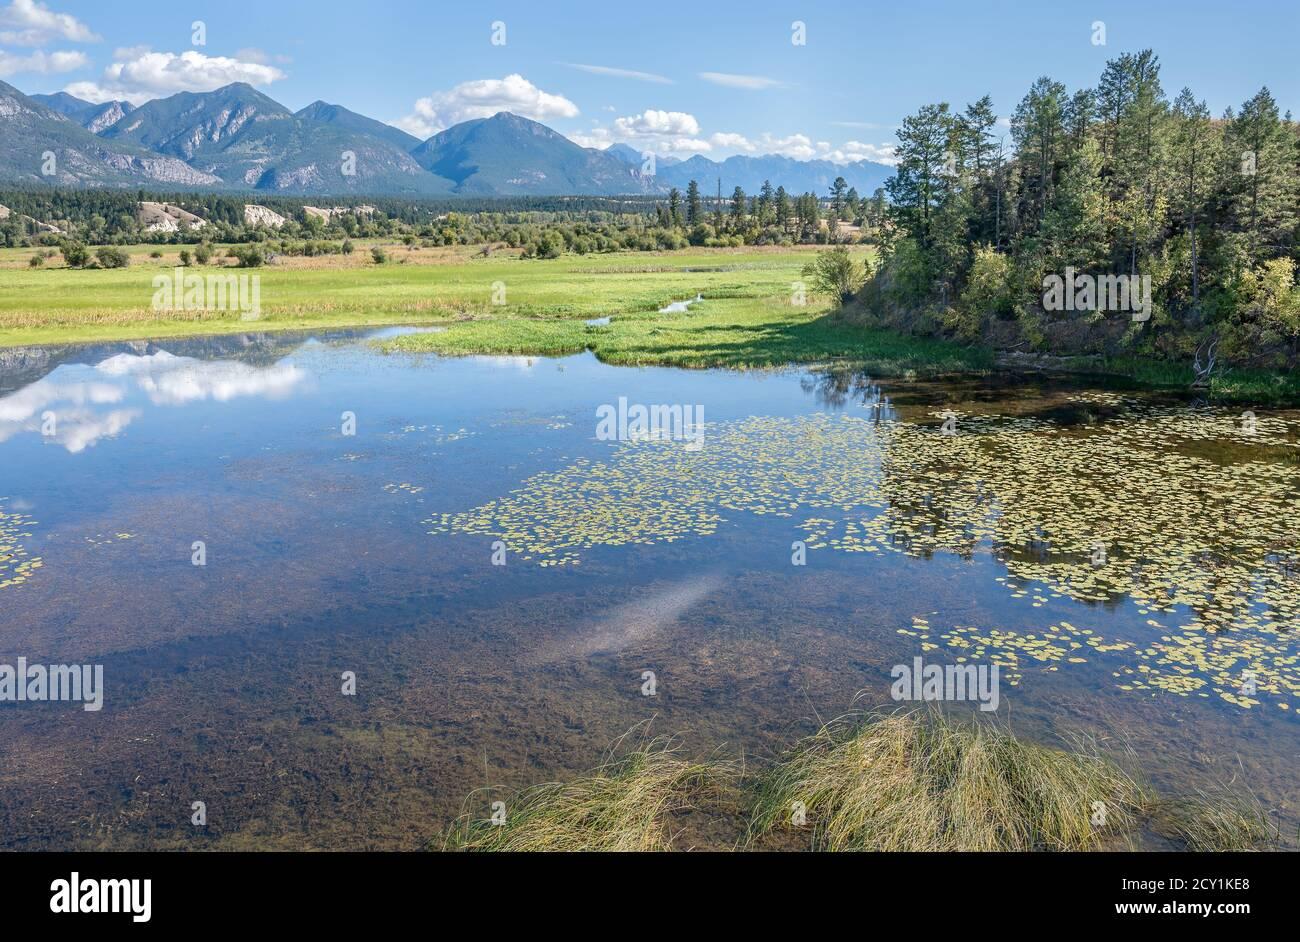 Humedales en el Área Nacional de vida Silvestre de Columbia (también conocida como Wilmer Bird Sanctuary) en Wilmer, Columbia Británica, Canadá Foto de stock